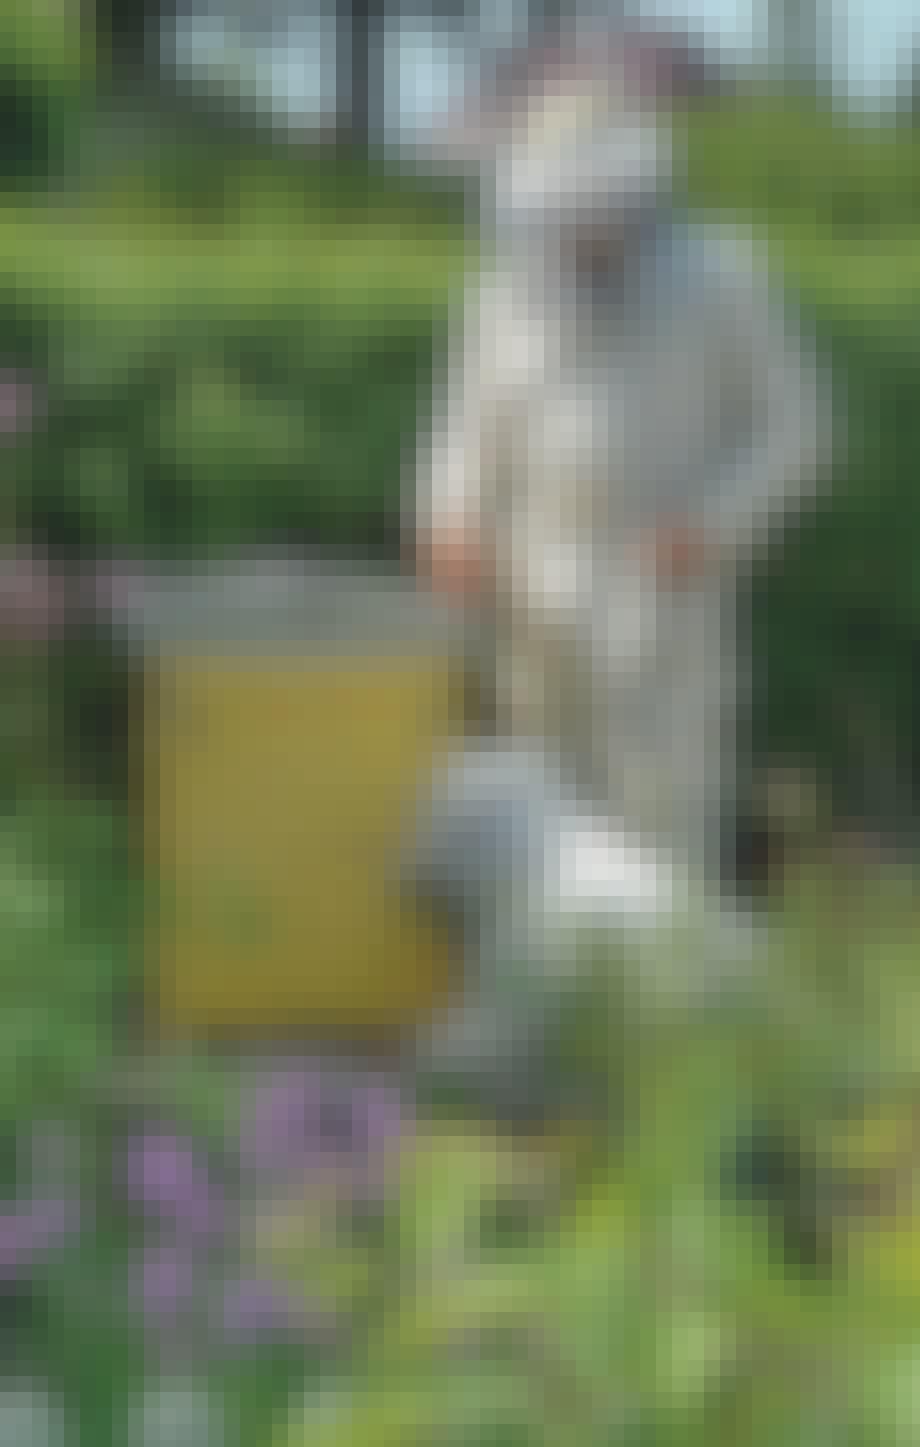 Bier i Baghaven - husk bidragt